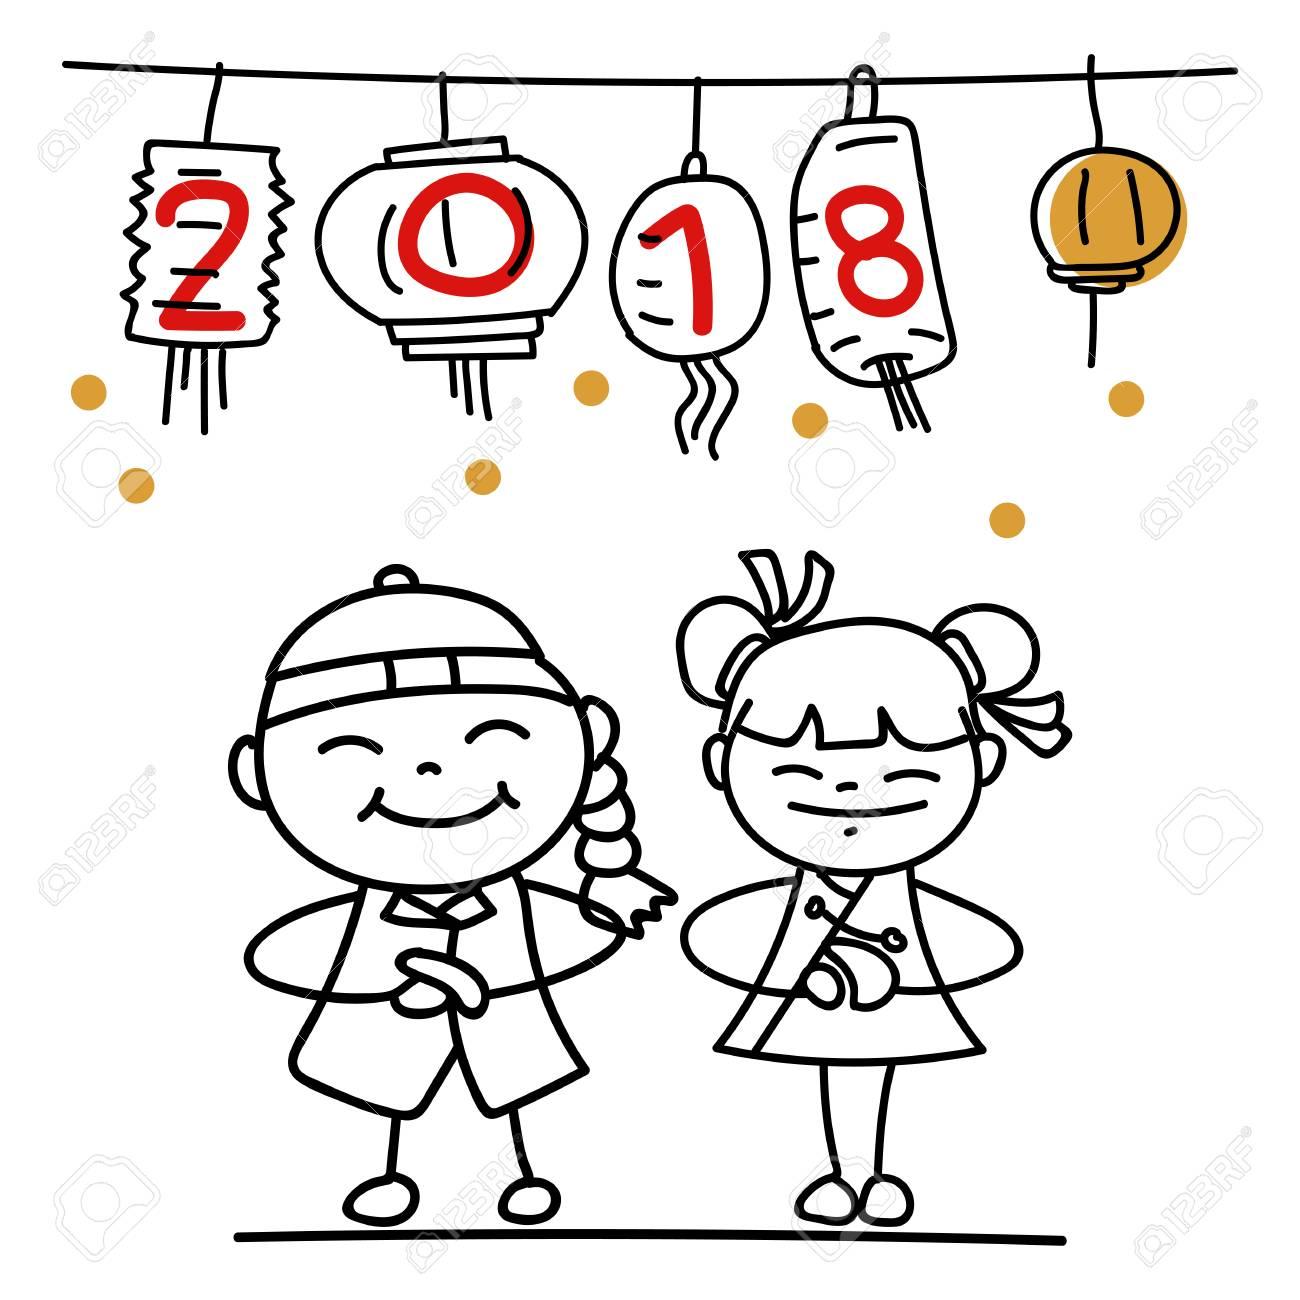 Dibujo A Mano Personajes De Dibujos Animados Chinos Y Niños. Feliz ...